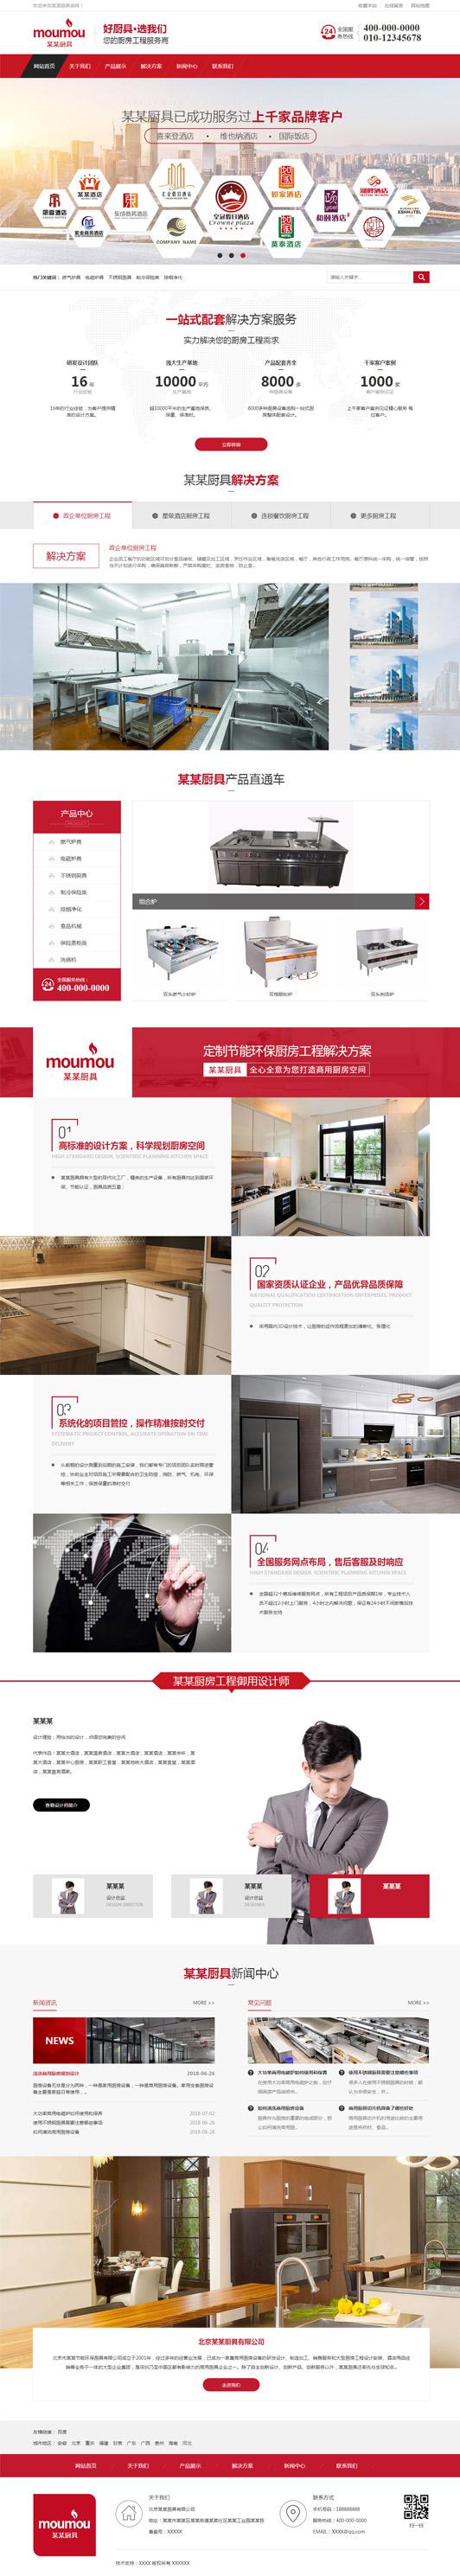 节能环保厨具公司网站营销式模板